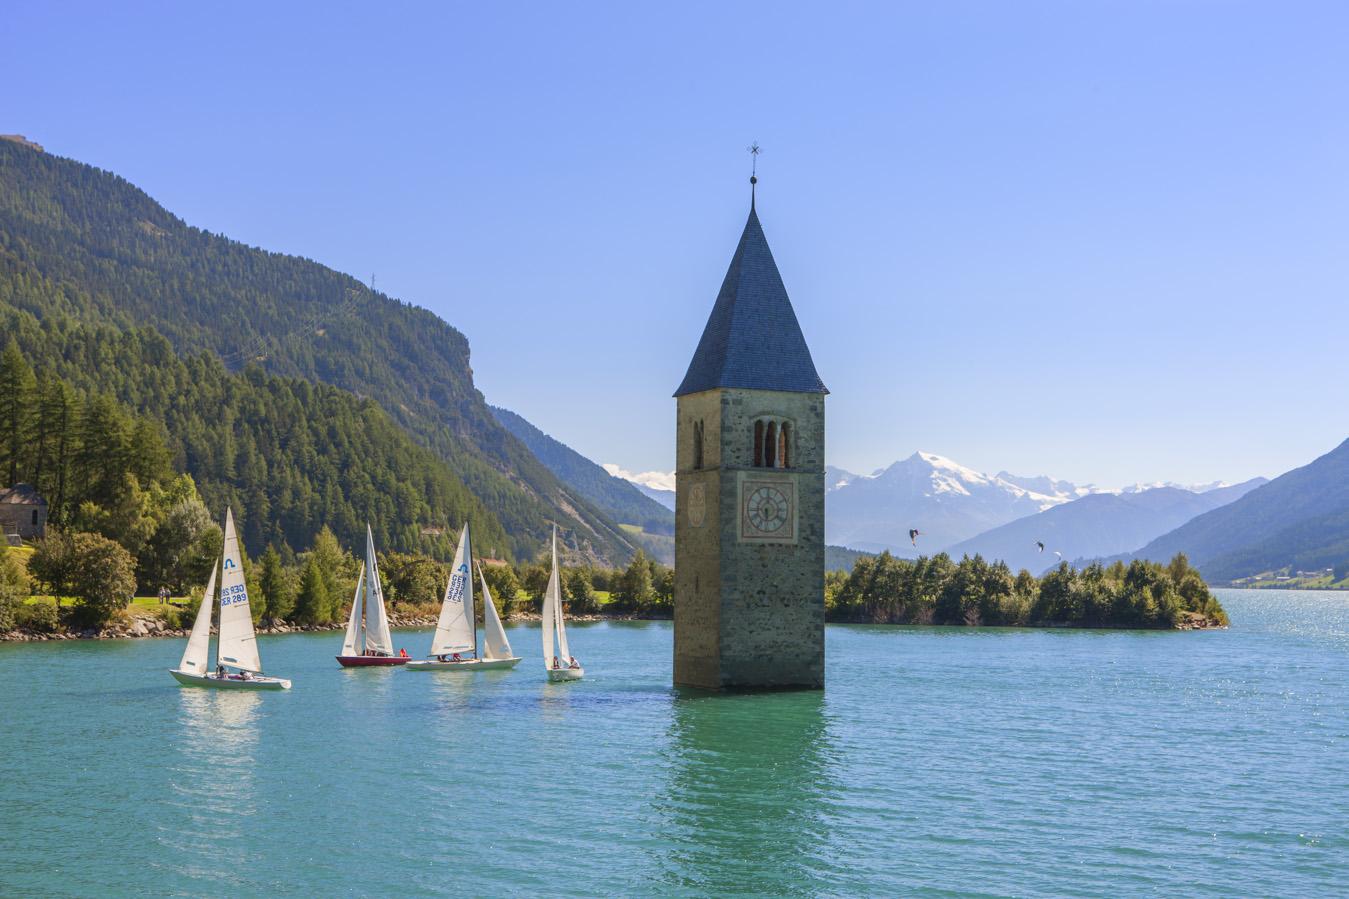 Il campanile di Grauno nel lago di Resia